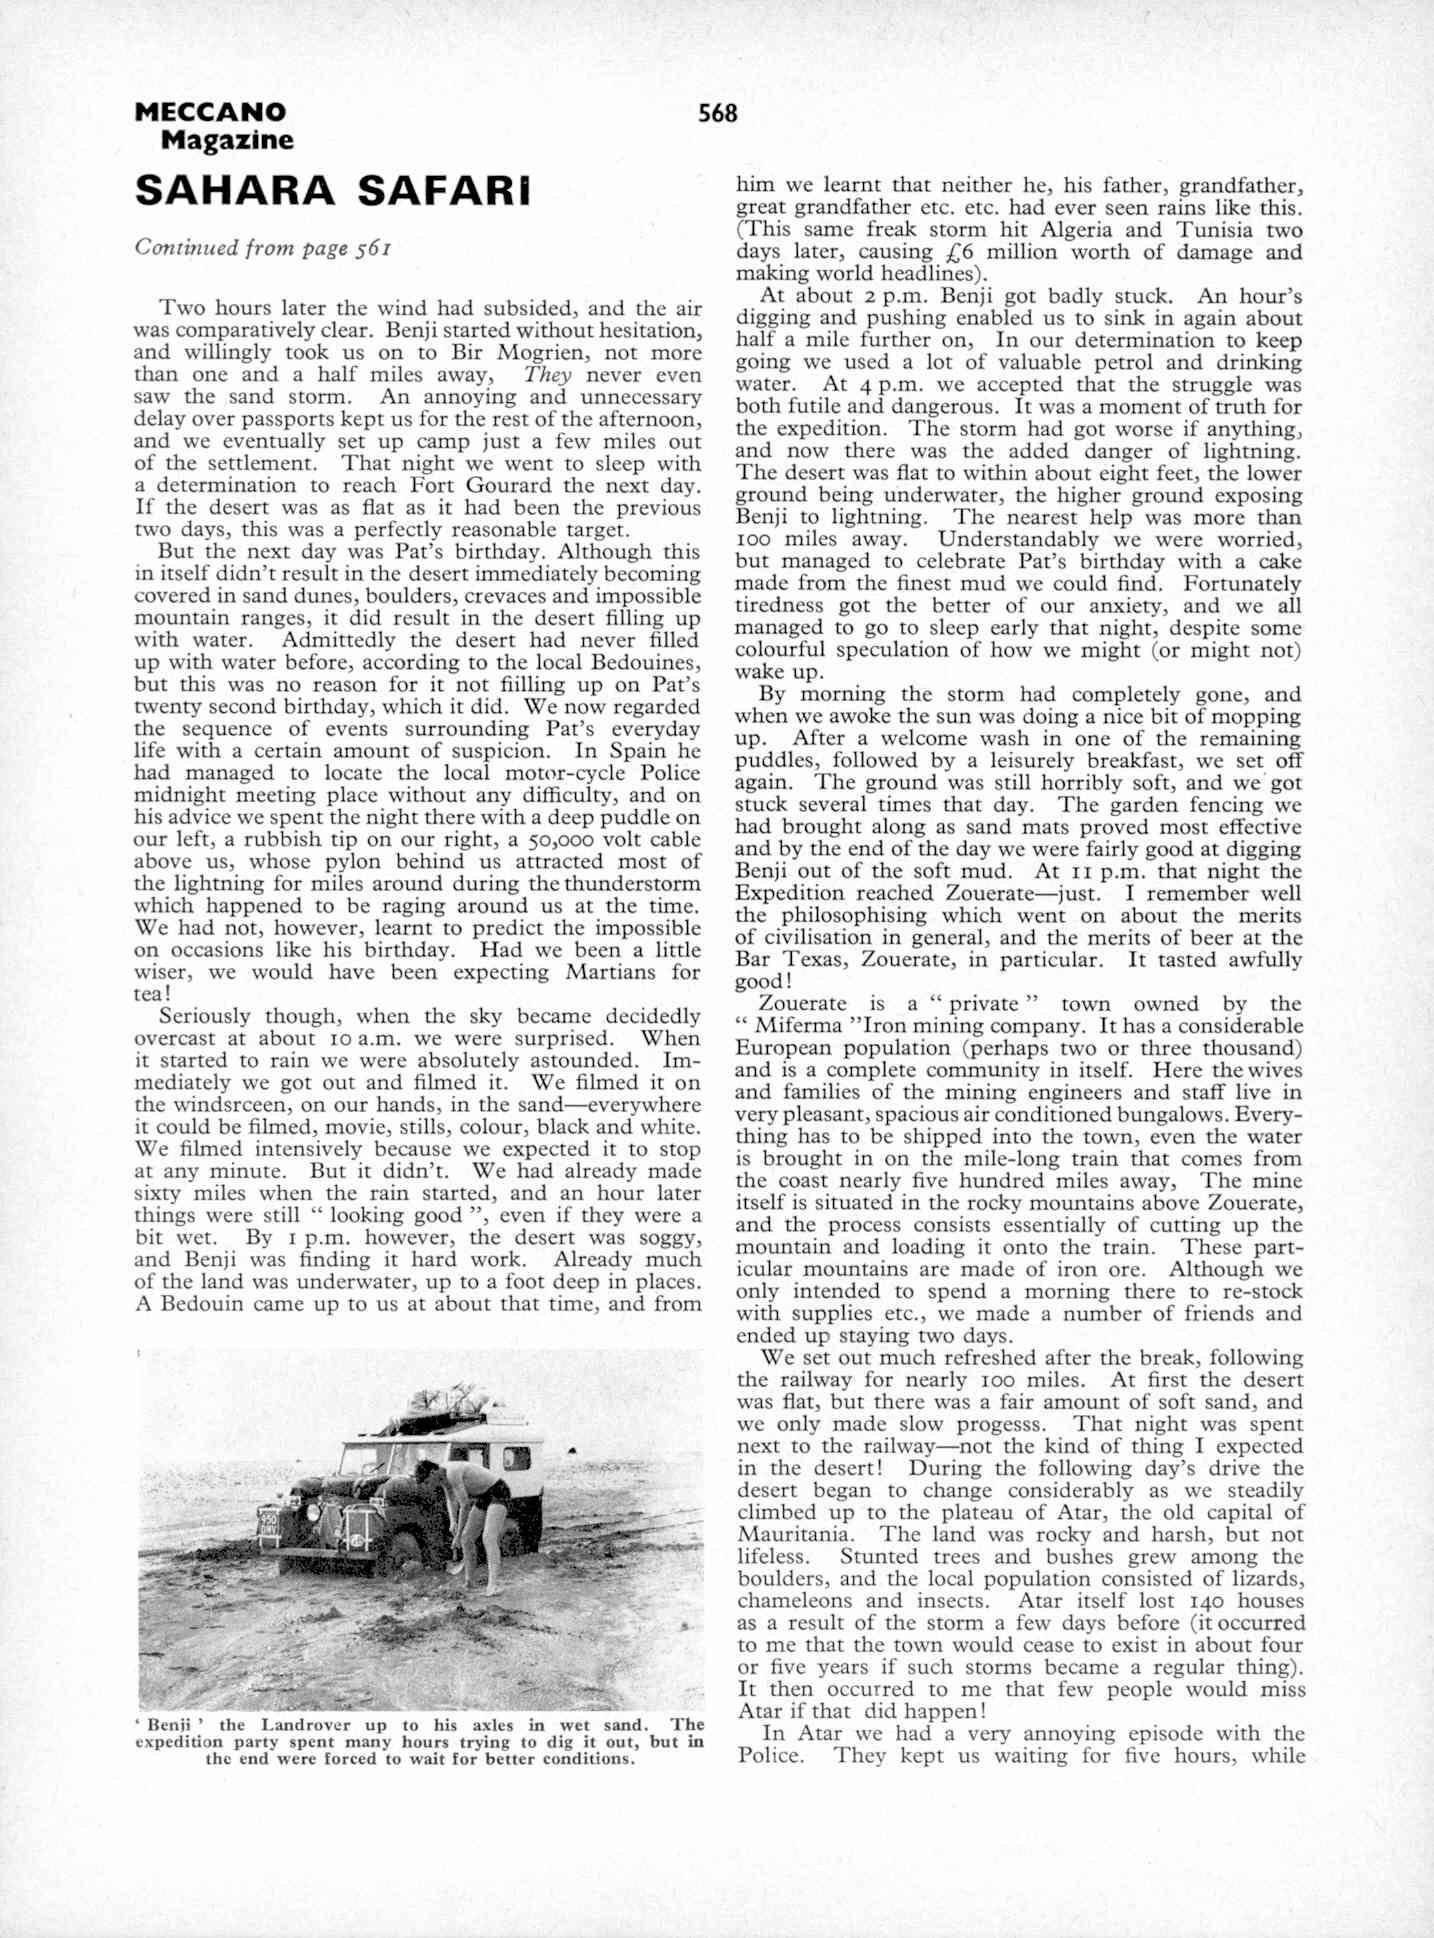 UK Meccano Magazine October 1970 Page 568